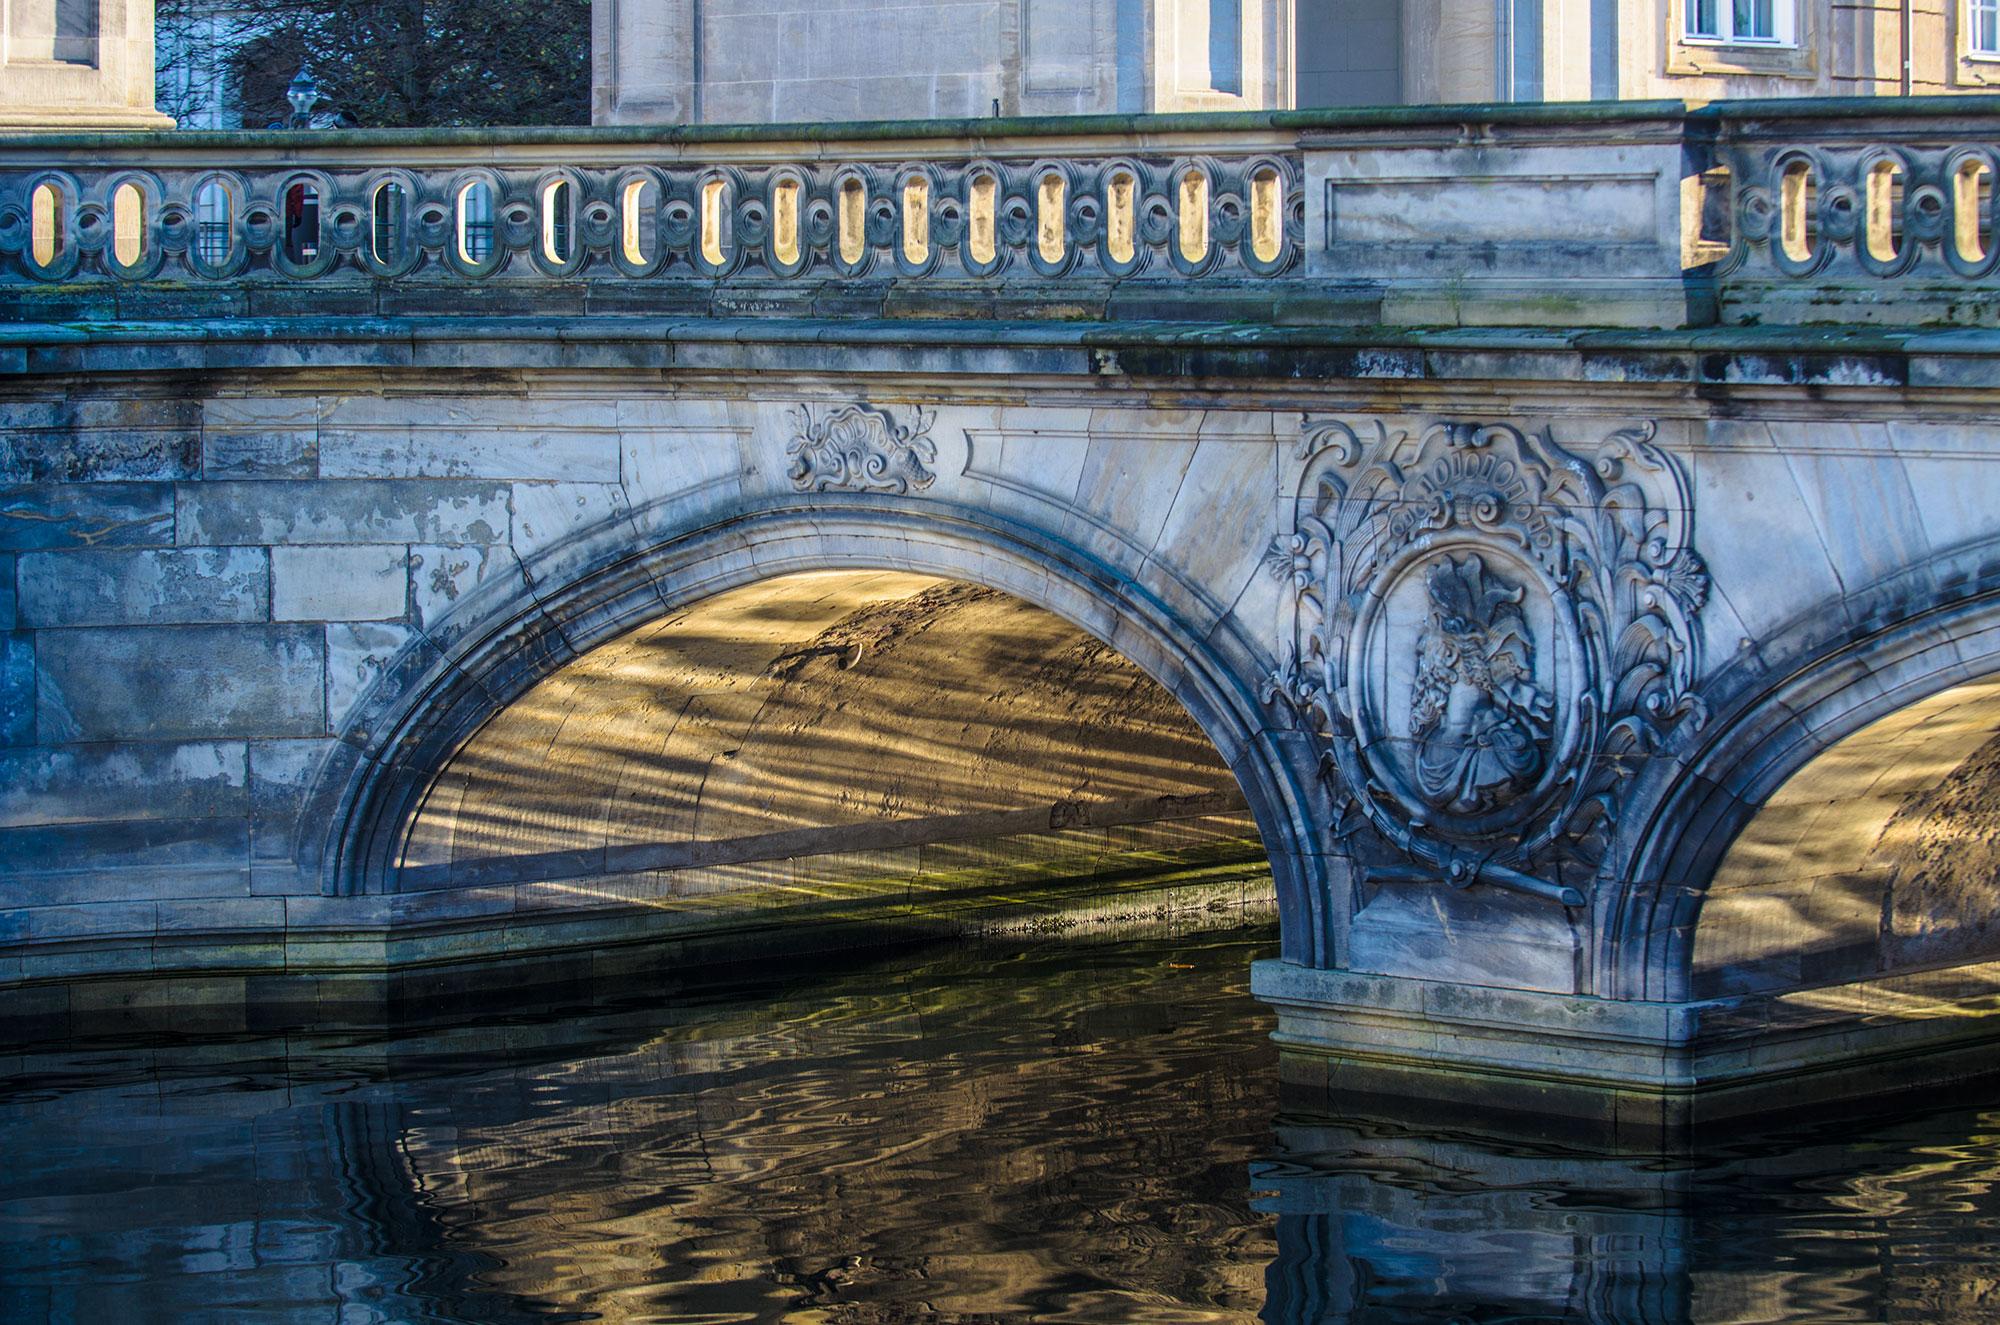 ChristiansBorg Bro i modlys